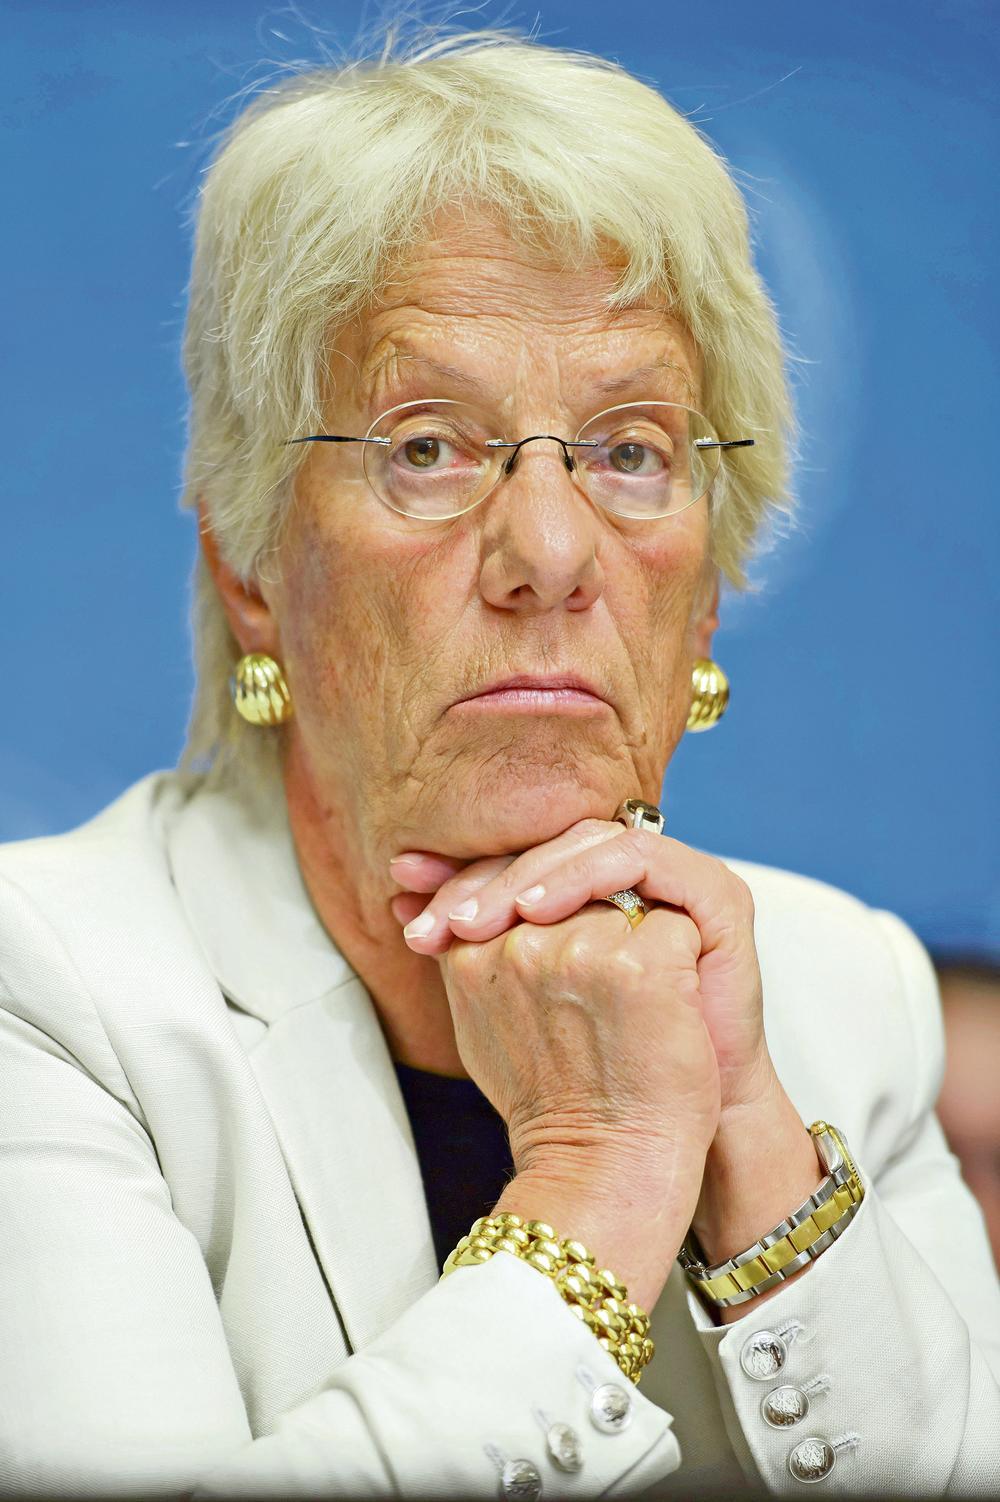 Otkrila tajne srpskih političara iz devedesetih... Karla del Ponte